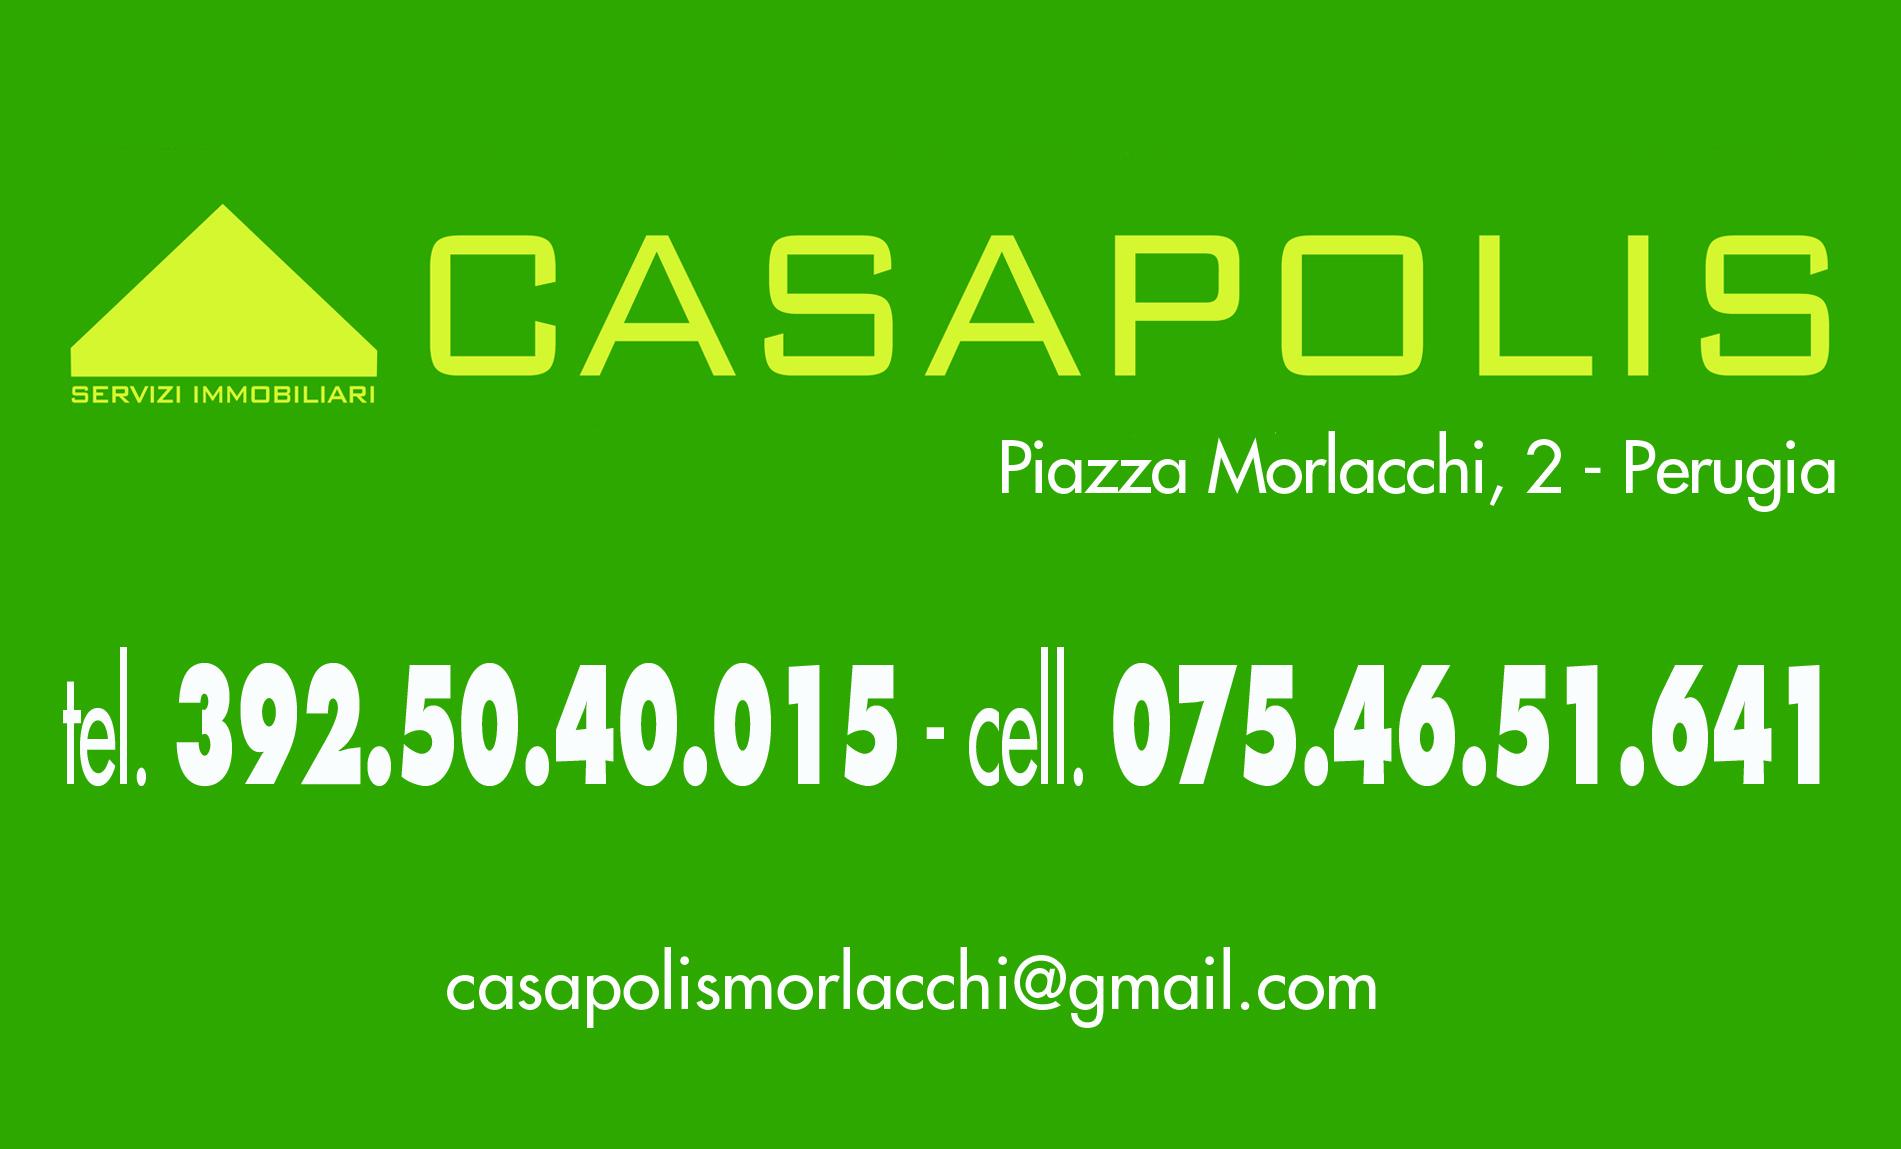 CASAPOLIS SERVIZI IMMOBILIARI